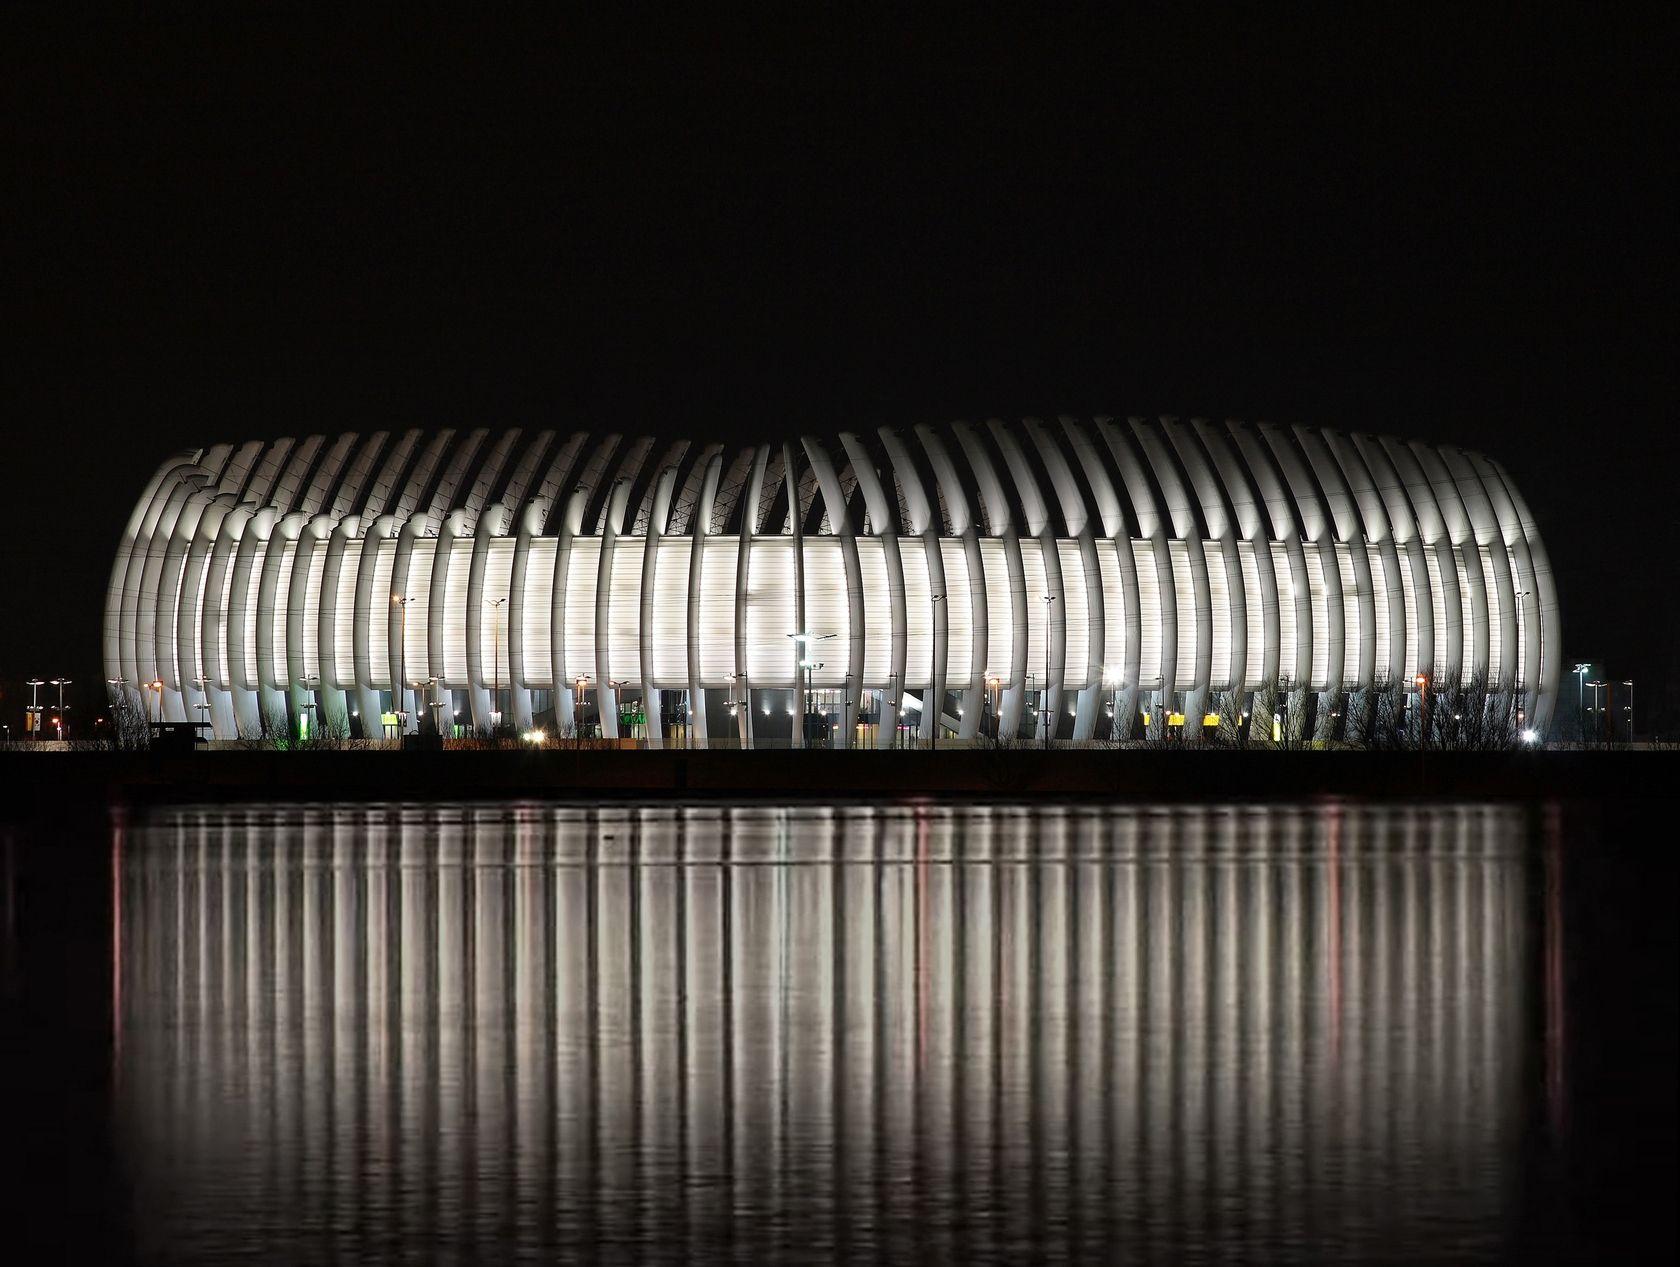 Architizer Arena Zagreb Zagreb Illuminated Architecture World Architecture Festival